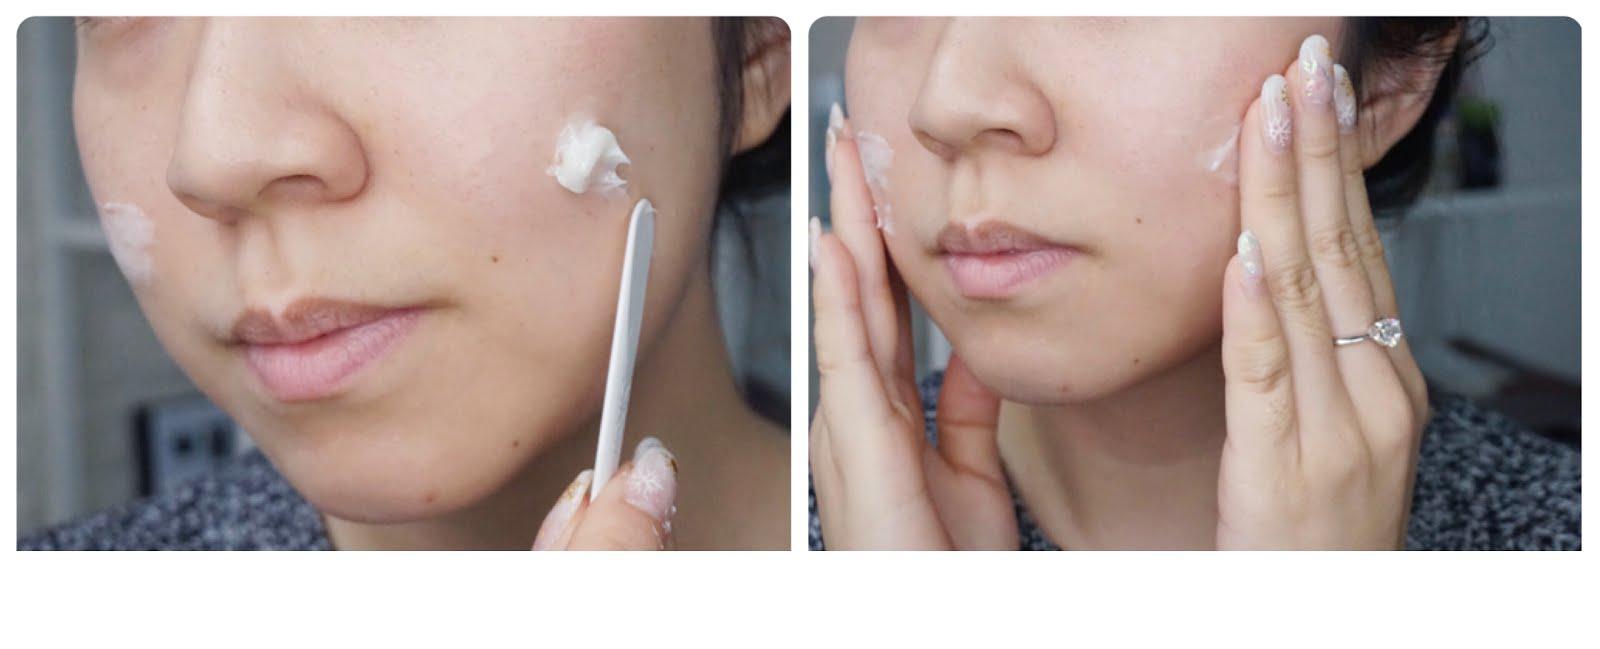 純天然植物提取|韓國品牌 The-Plant Base 天然翠竹混合滋潤面霜 IMG 1250